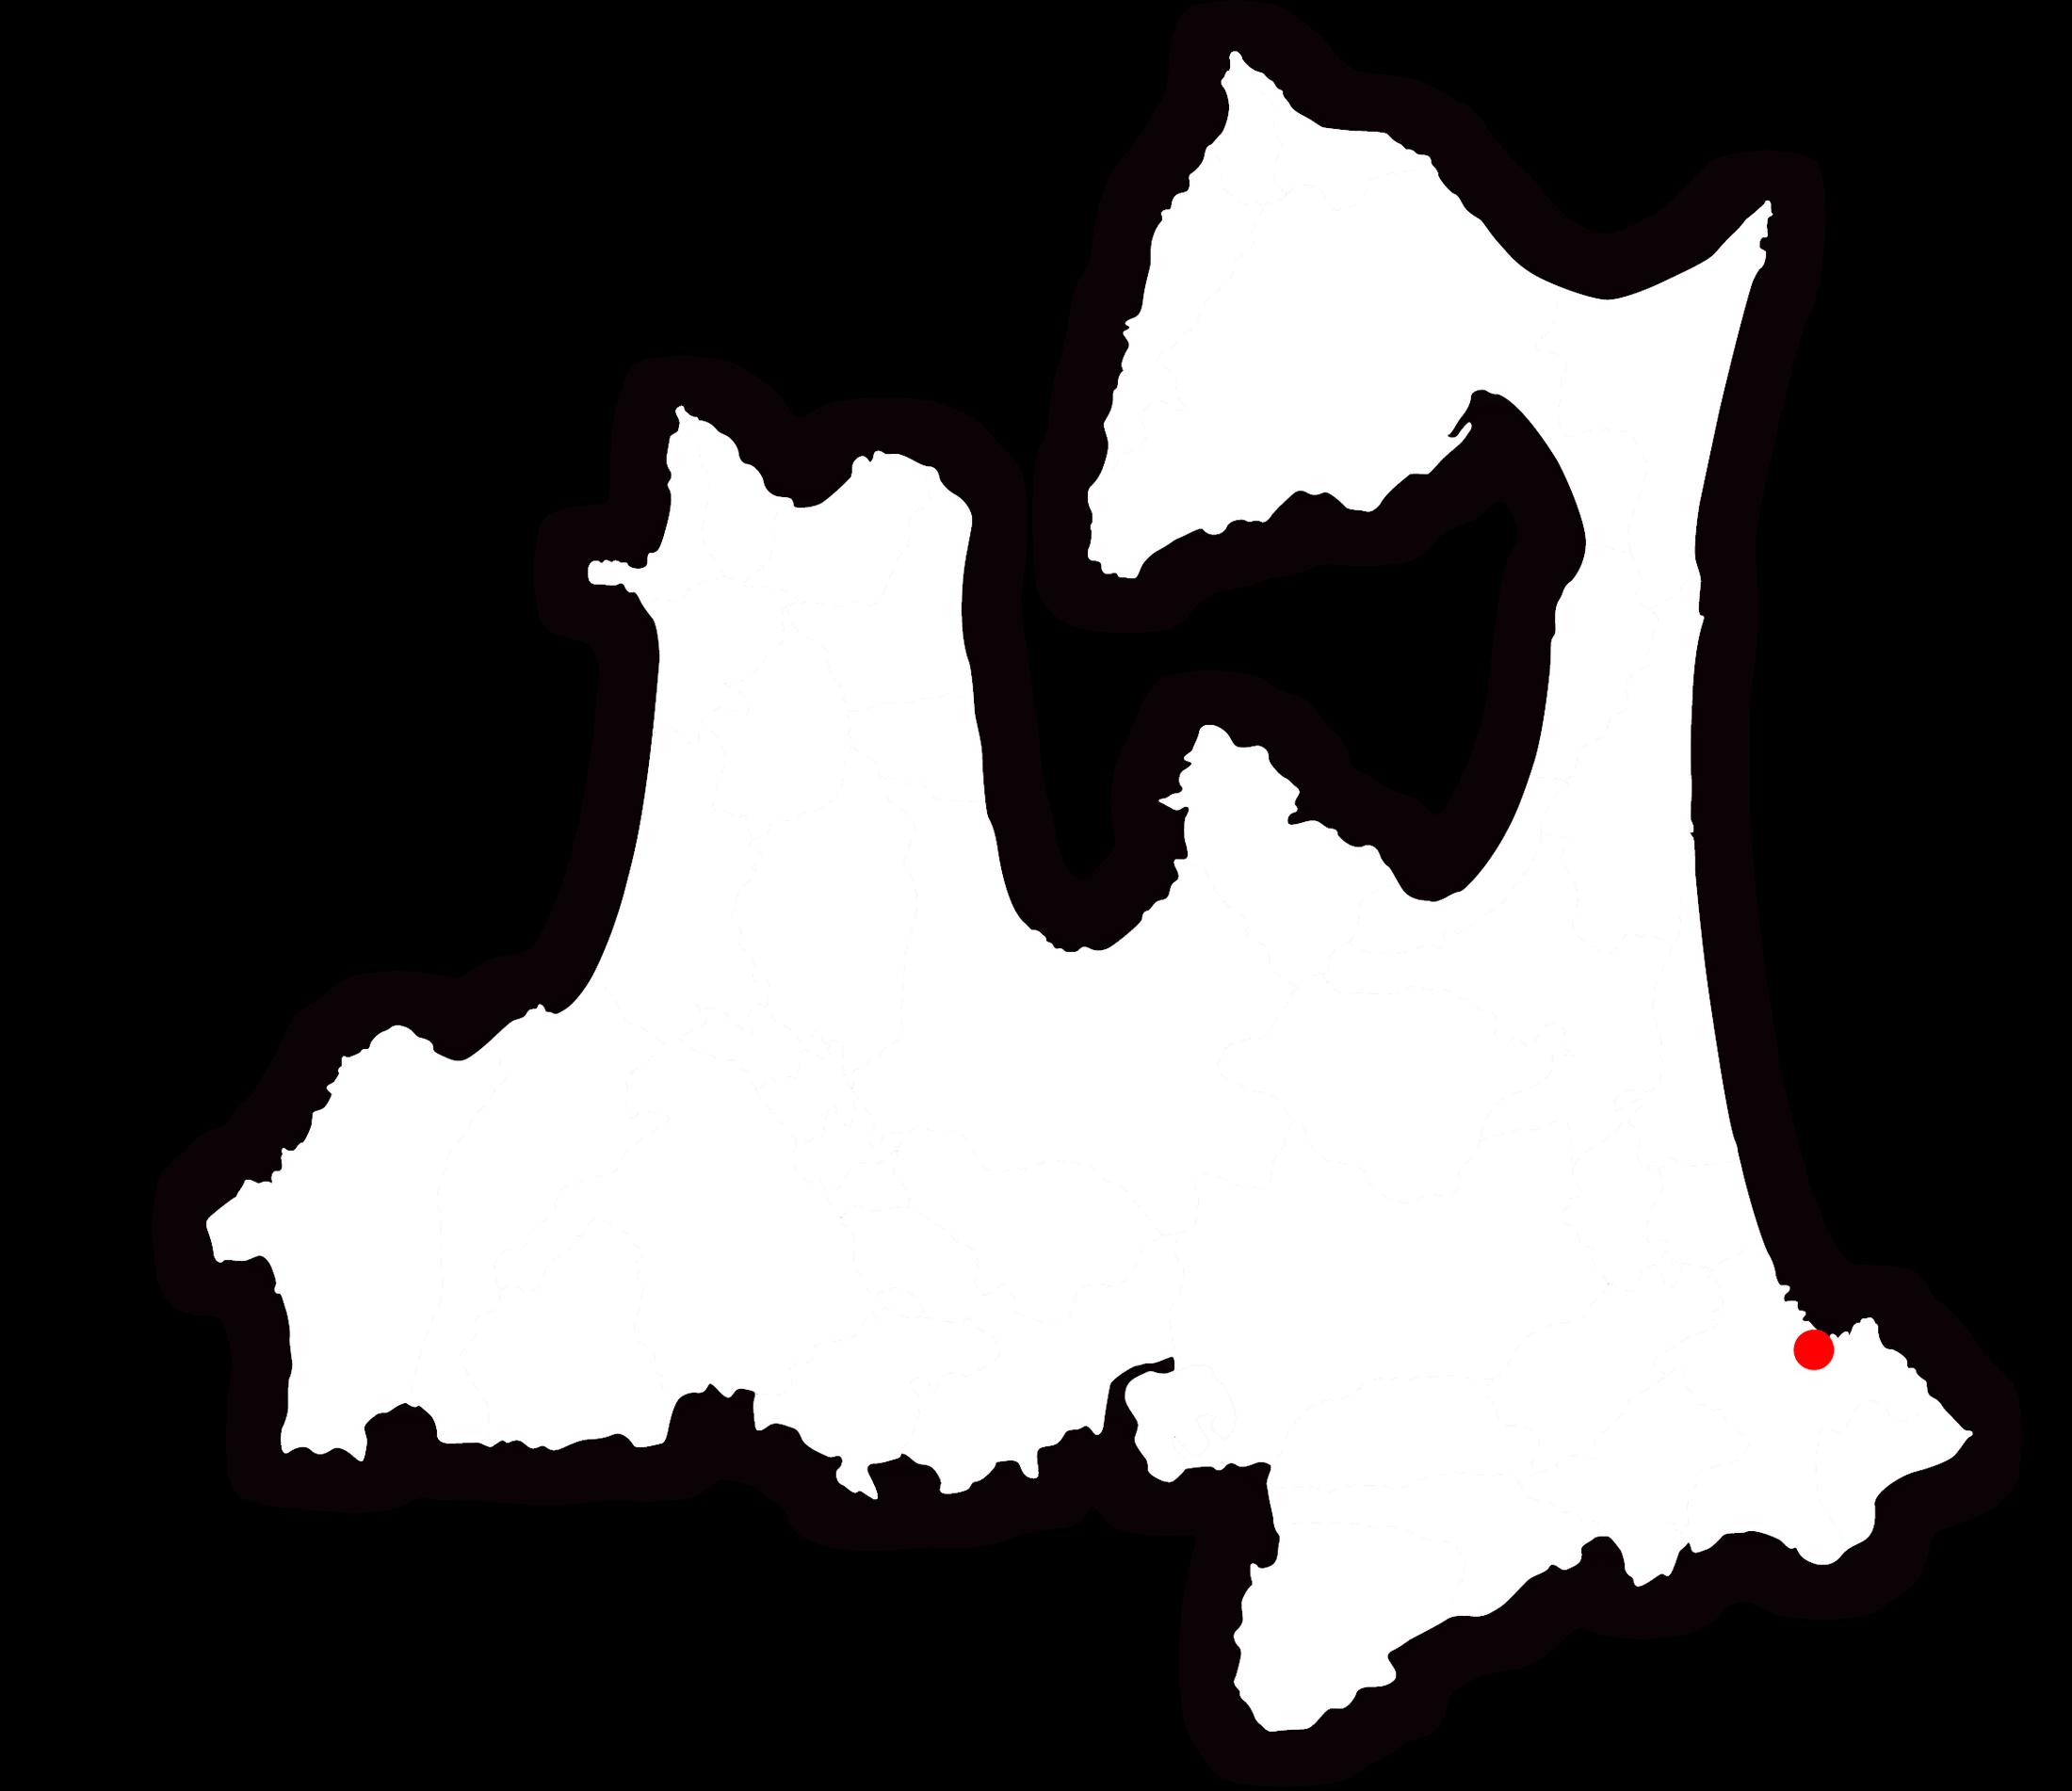 陸奥八仙(八戸酒造)青森県